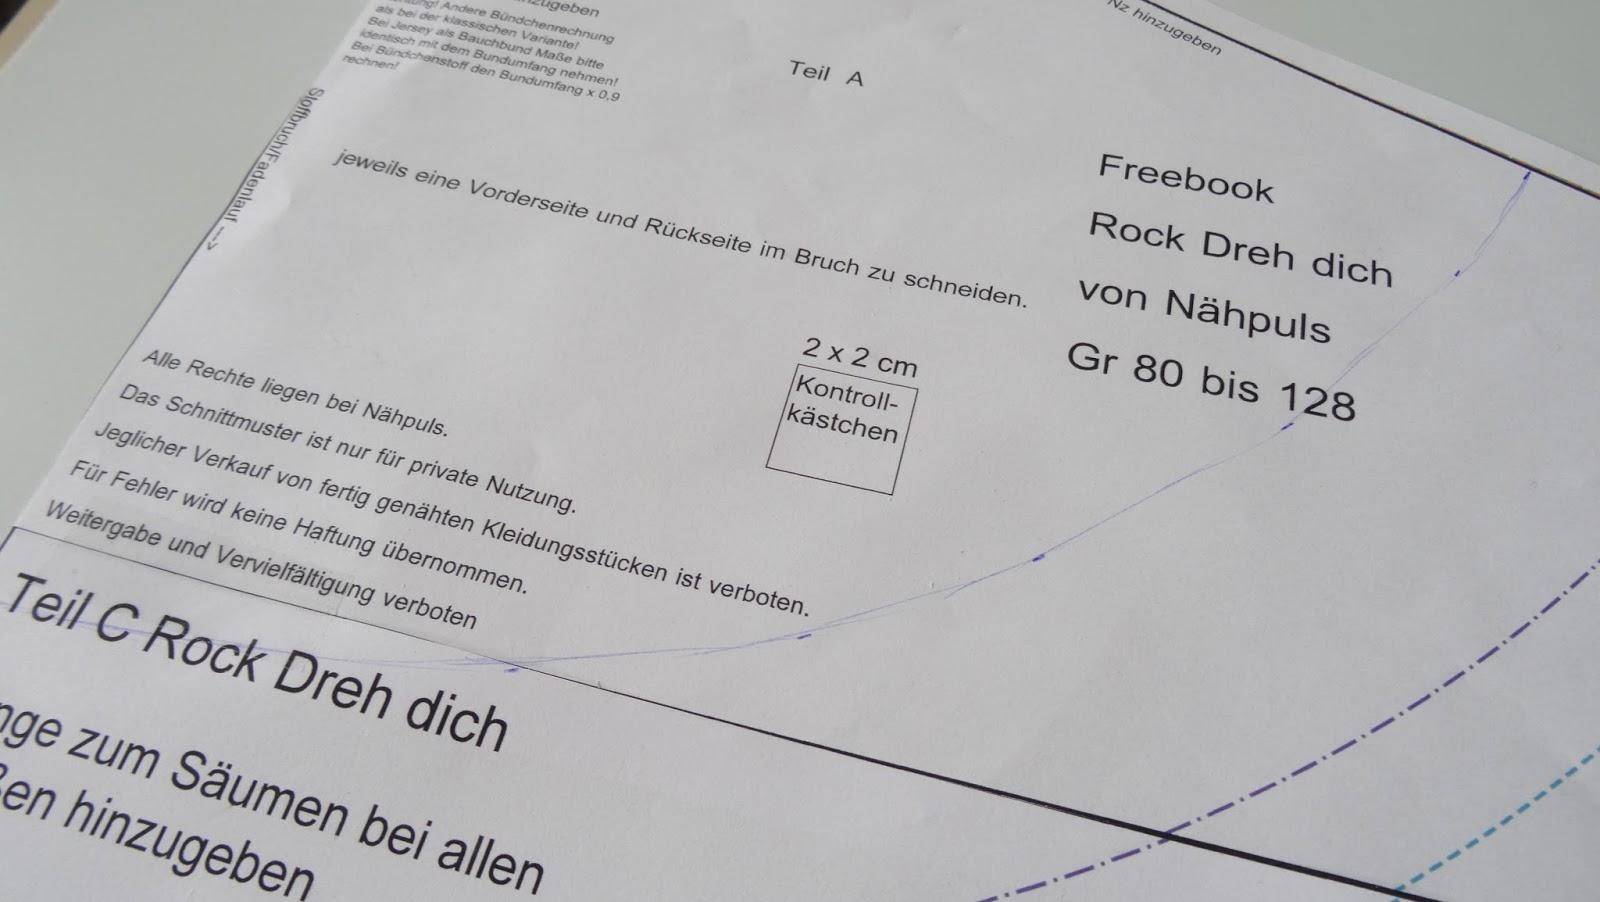 Nähpuls - DIY mit Herz und Hand: 2016